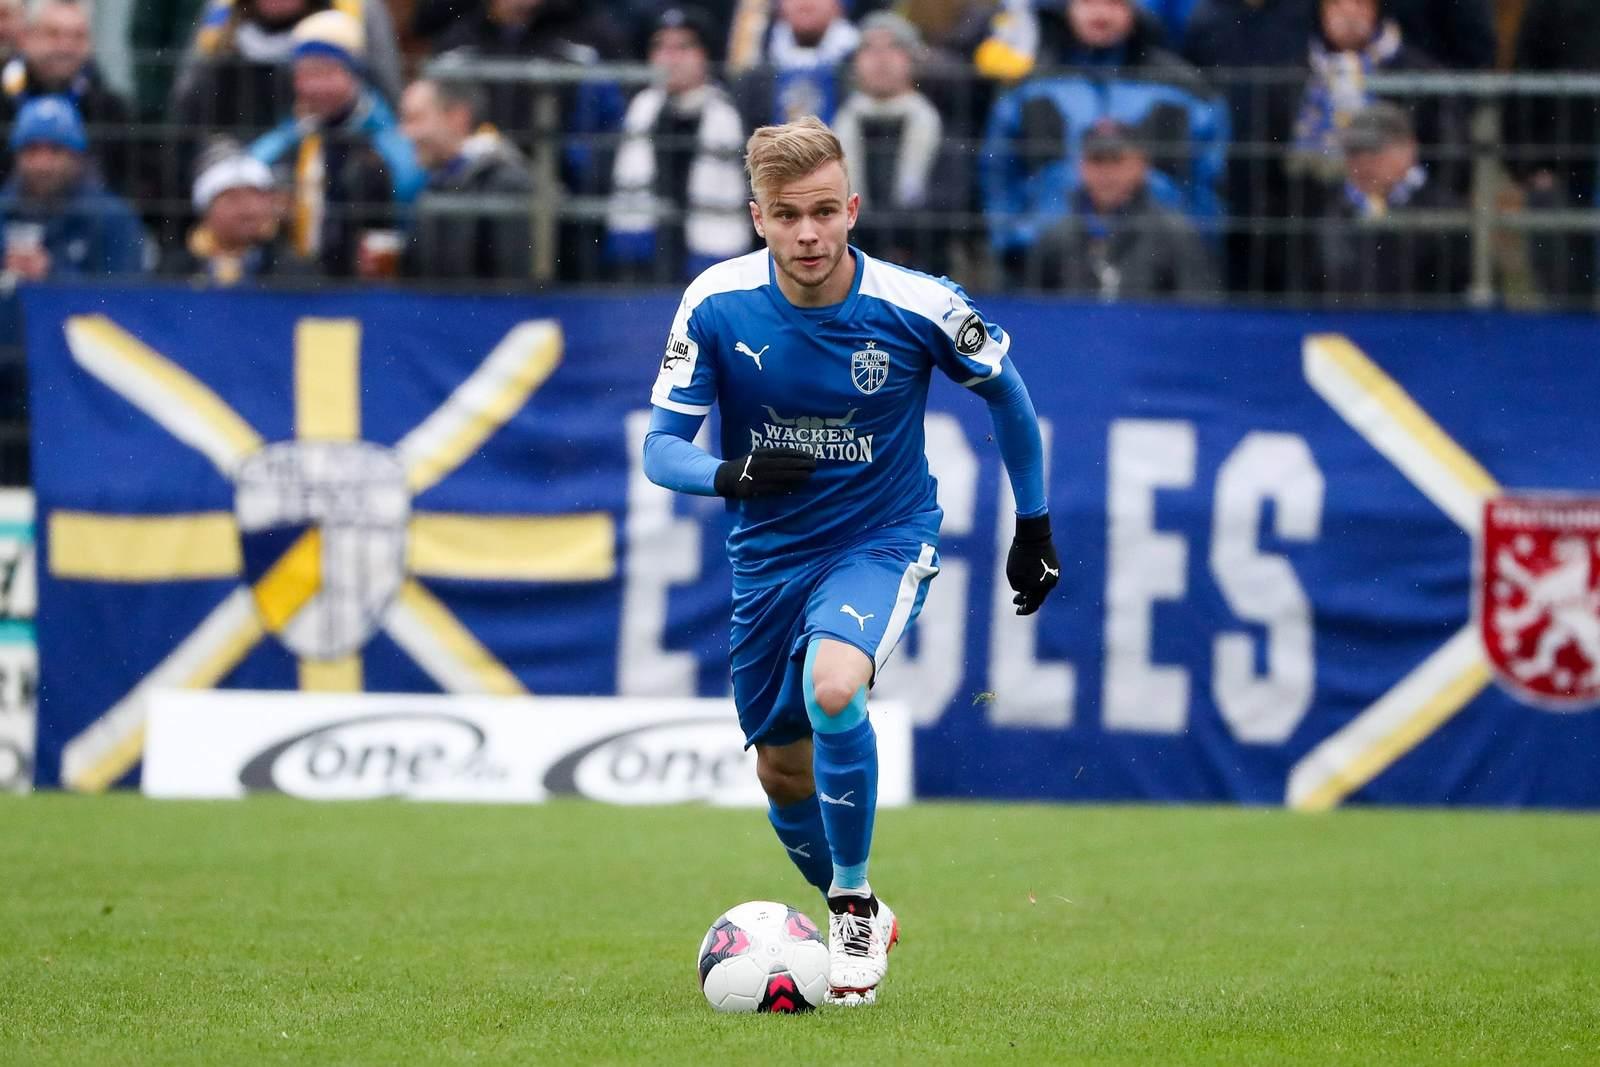 Guillaume Cros im Trikot des FC Carl Zeiss Jena. Steht er vor einem Wechsel?